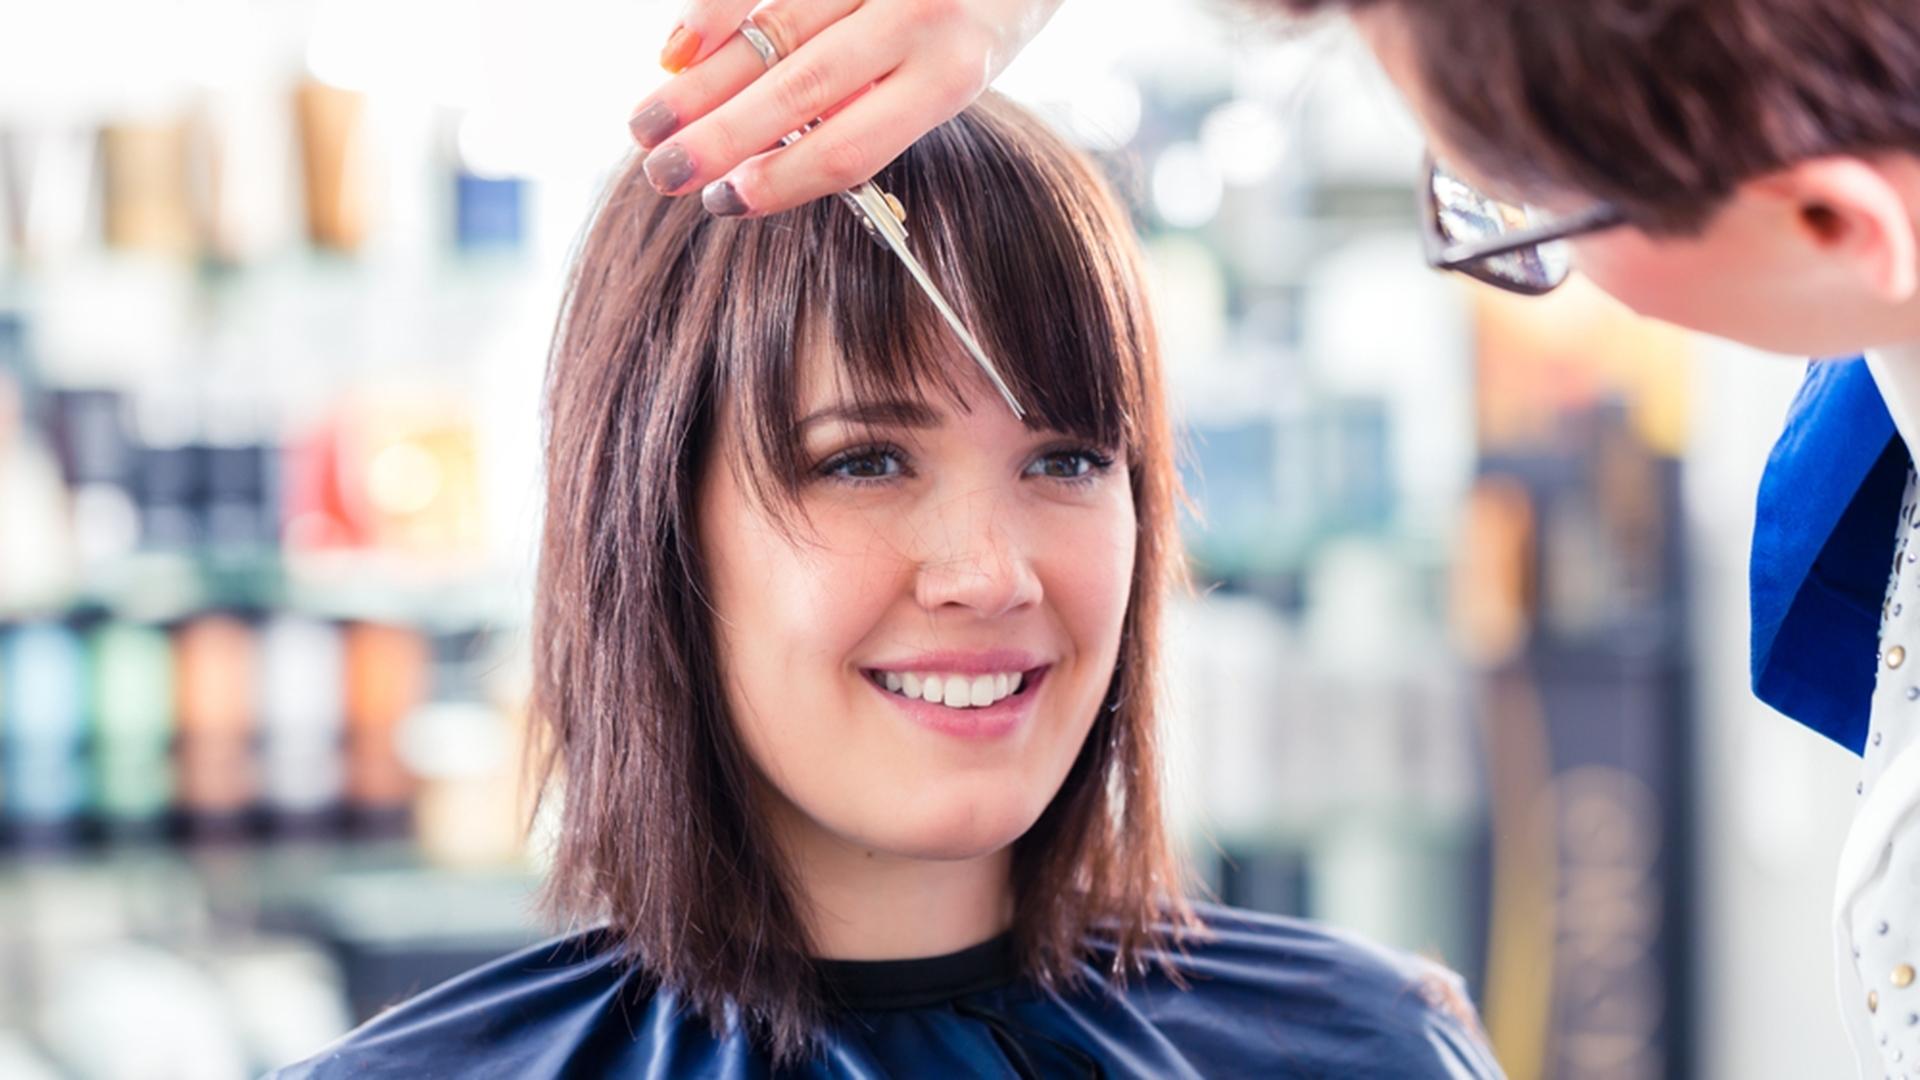 Haircut Salon Near Me For Ladies – Wavy Haircut